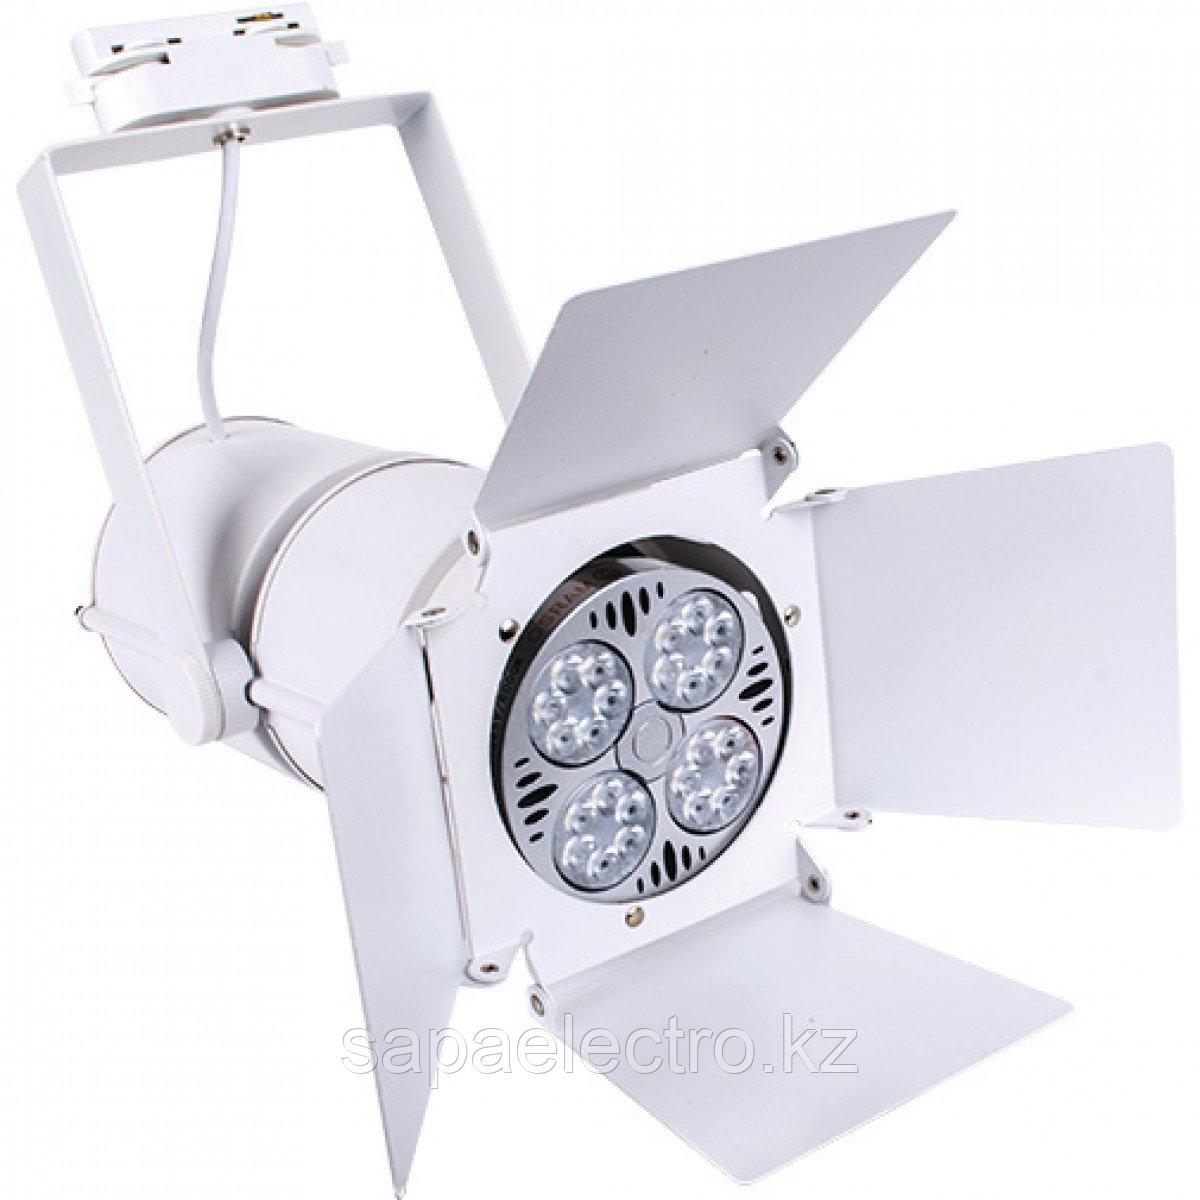 Св-к. LED LS-DK906 35W 5700K WHITE (TS)12шт